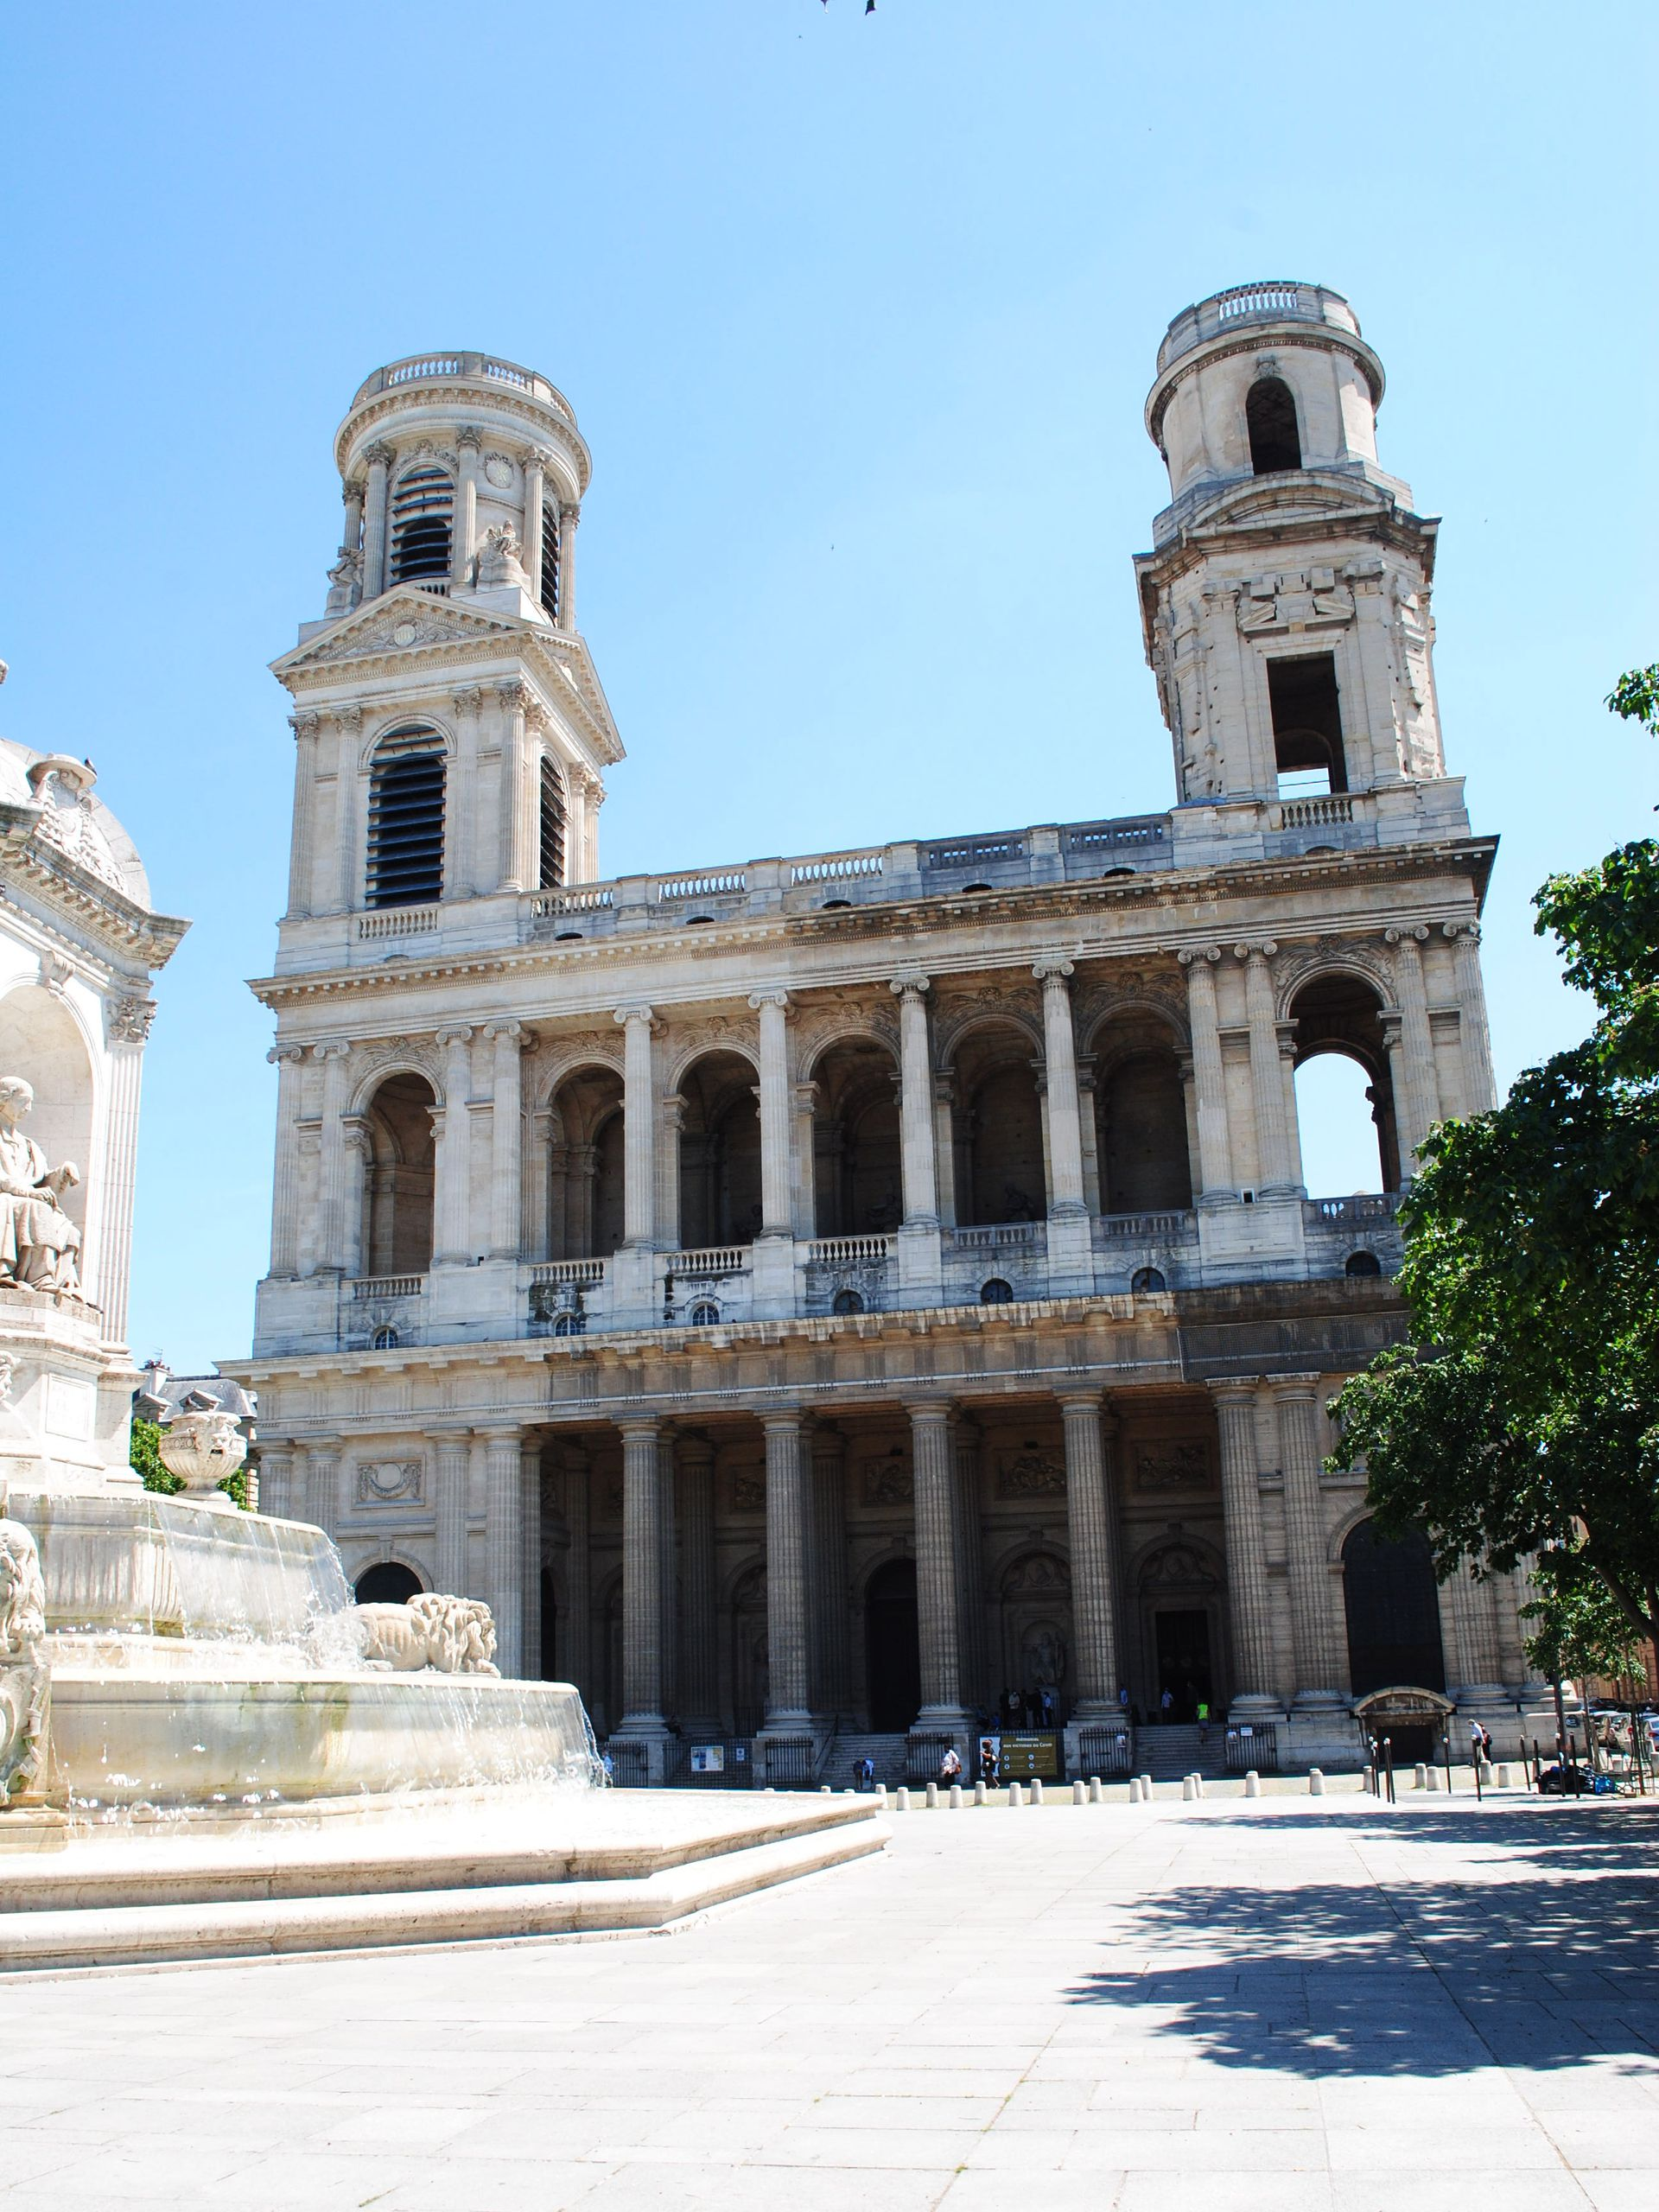 Saint Sulpice, en el barrio de Odeón, es una de las iglesias más grandes de la ciudad, aunque no tan conocida como Notre Dame.